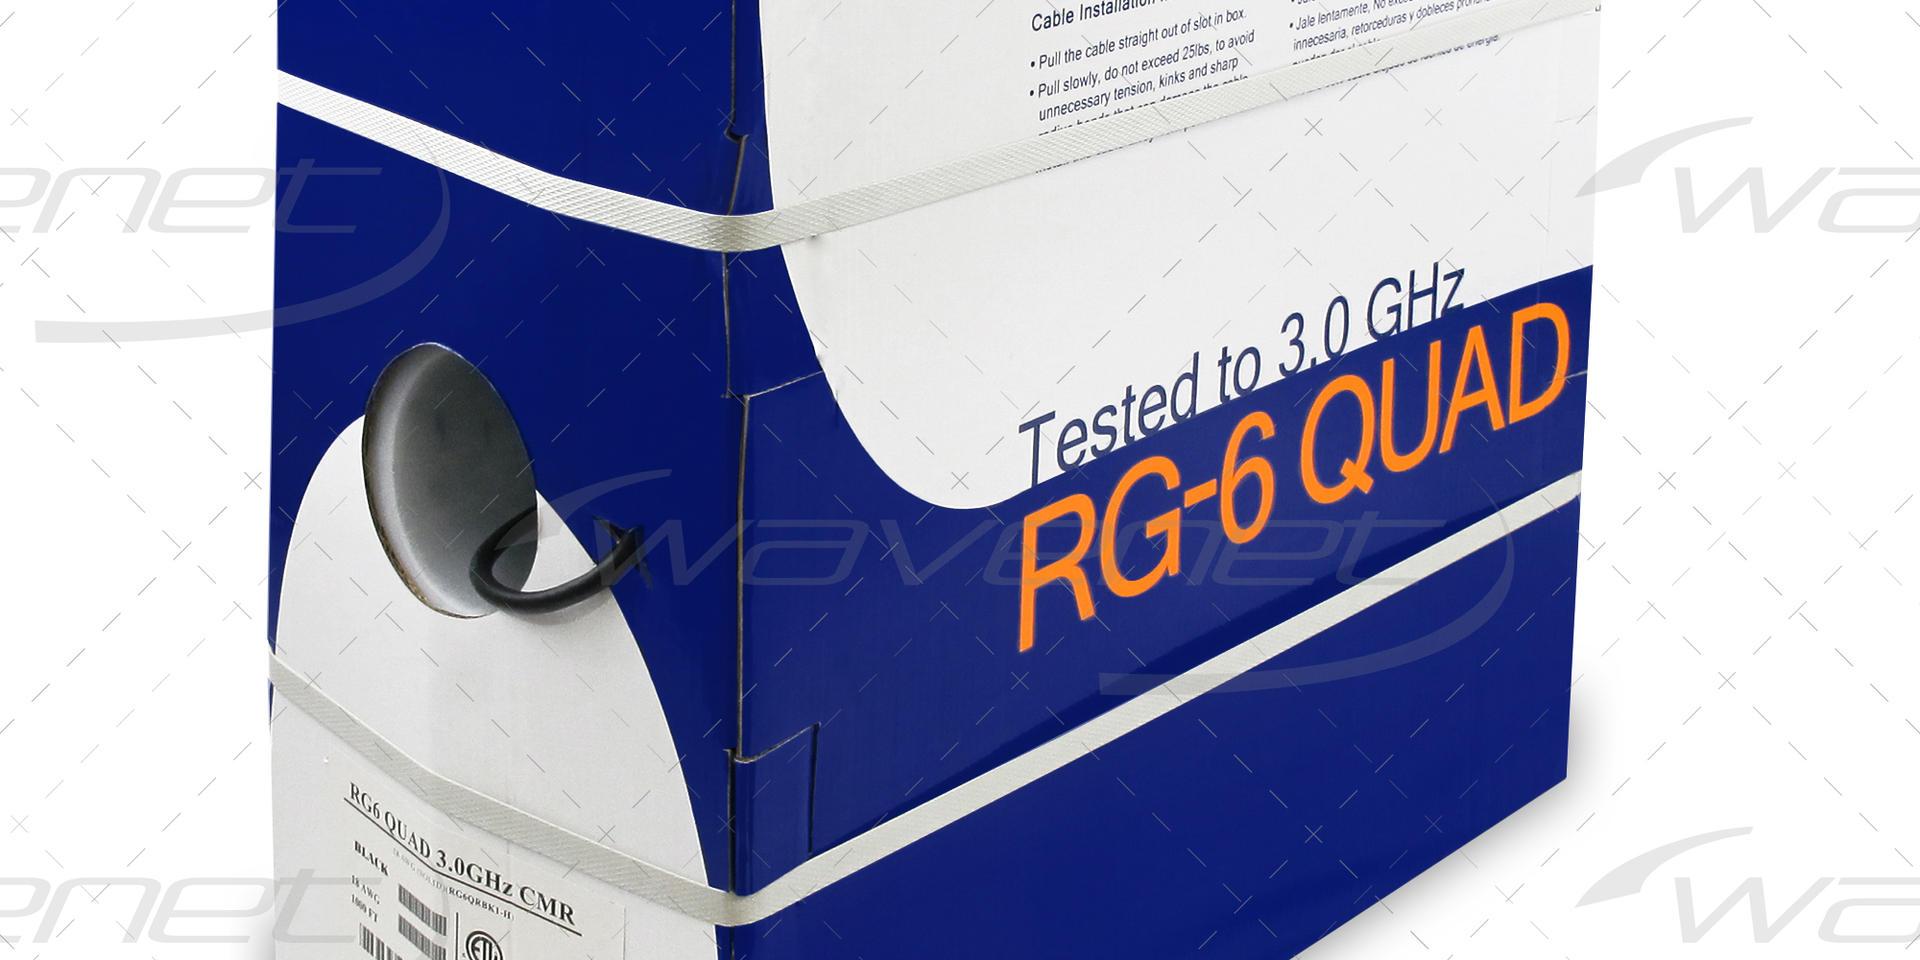 RG6QRXX_WM.jpg